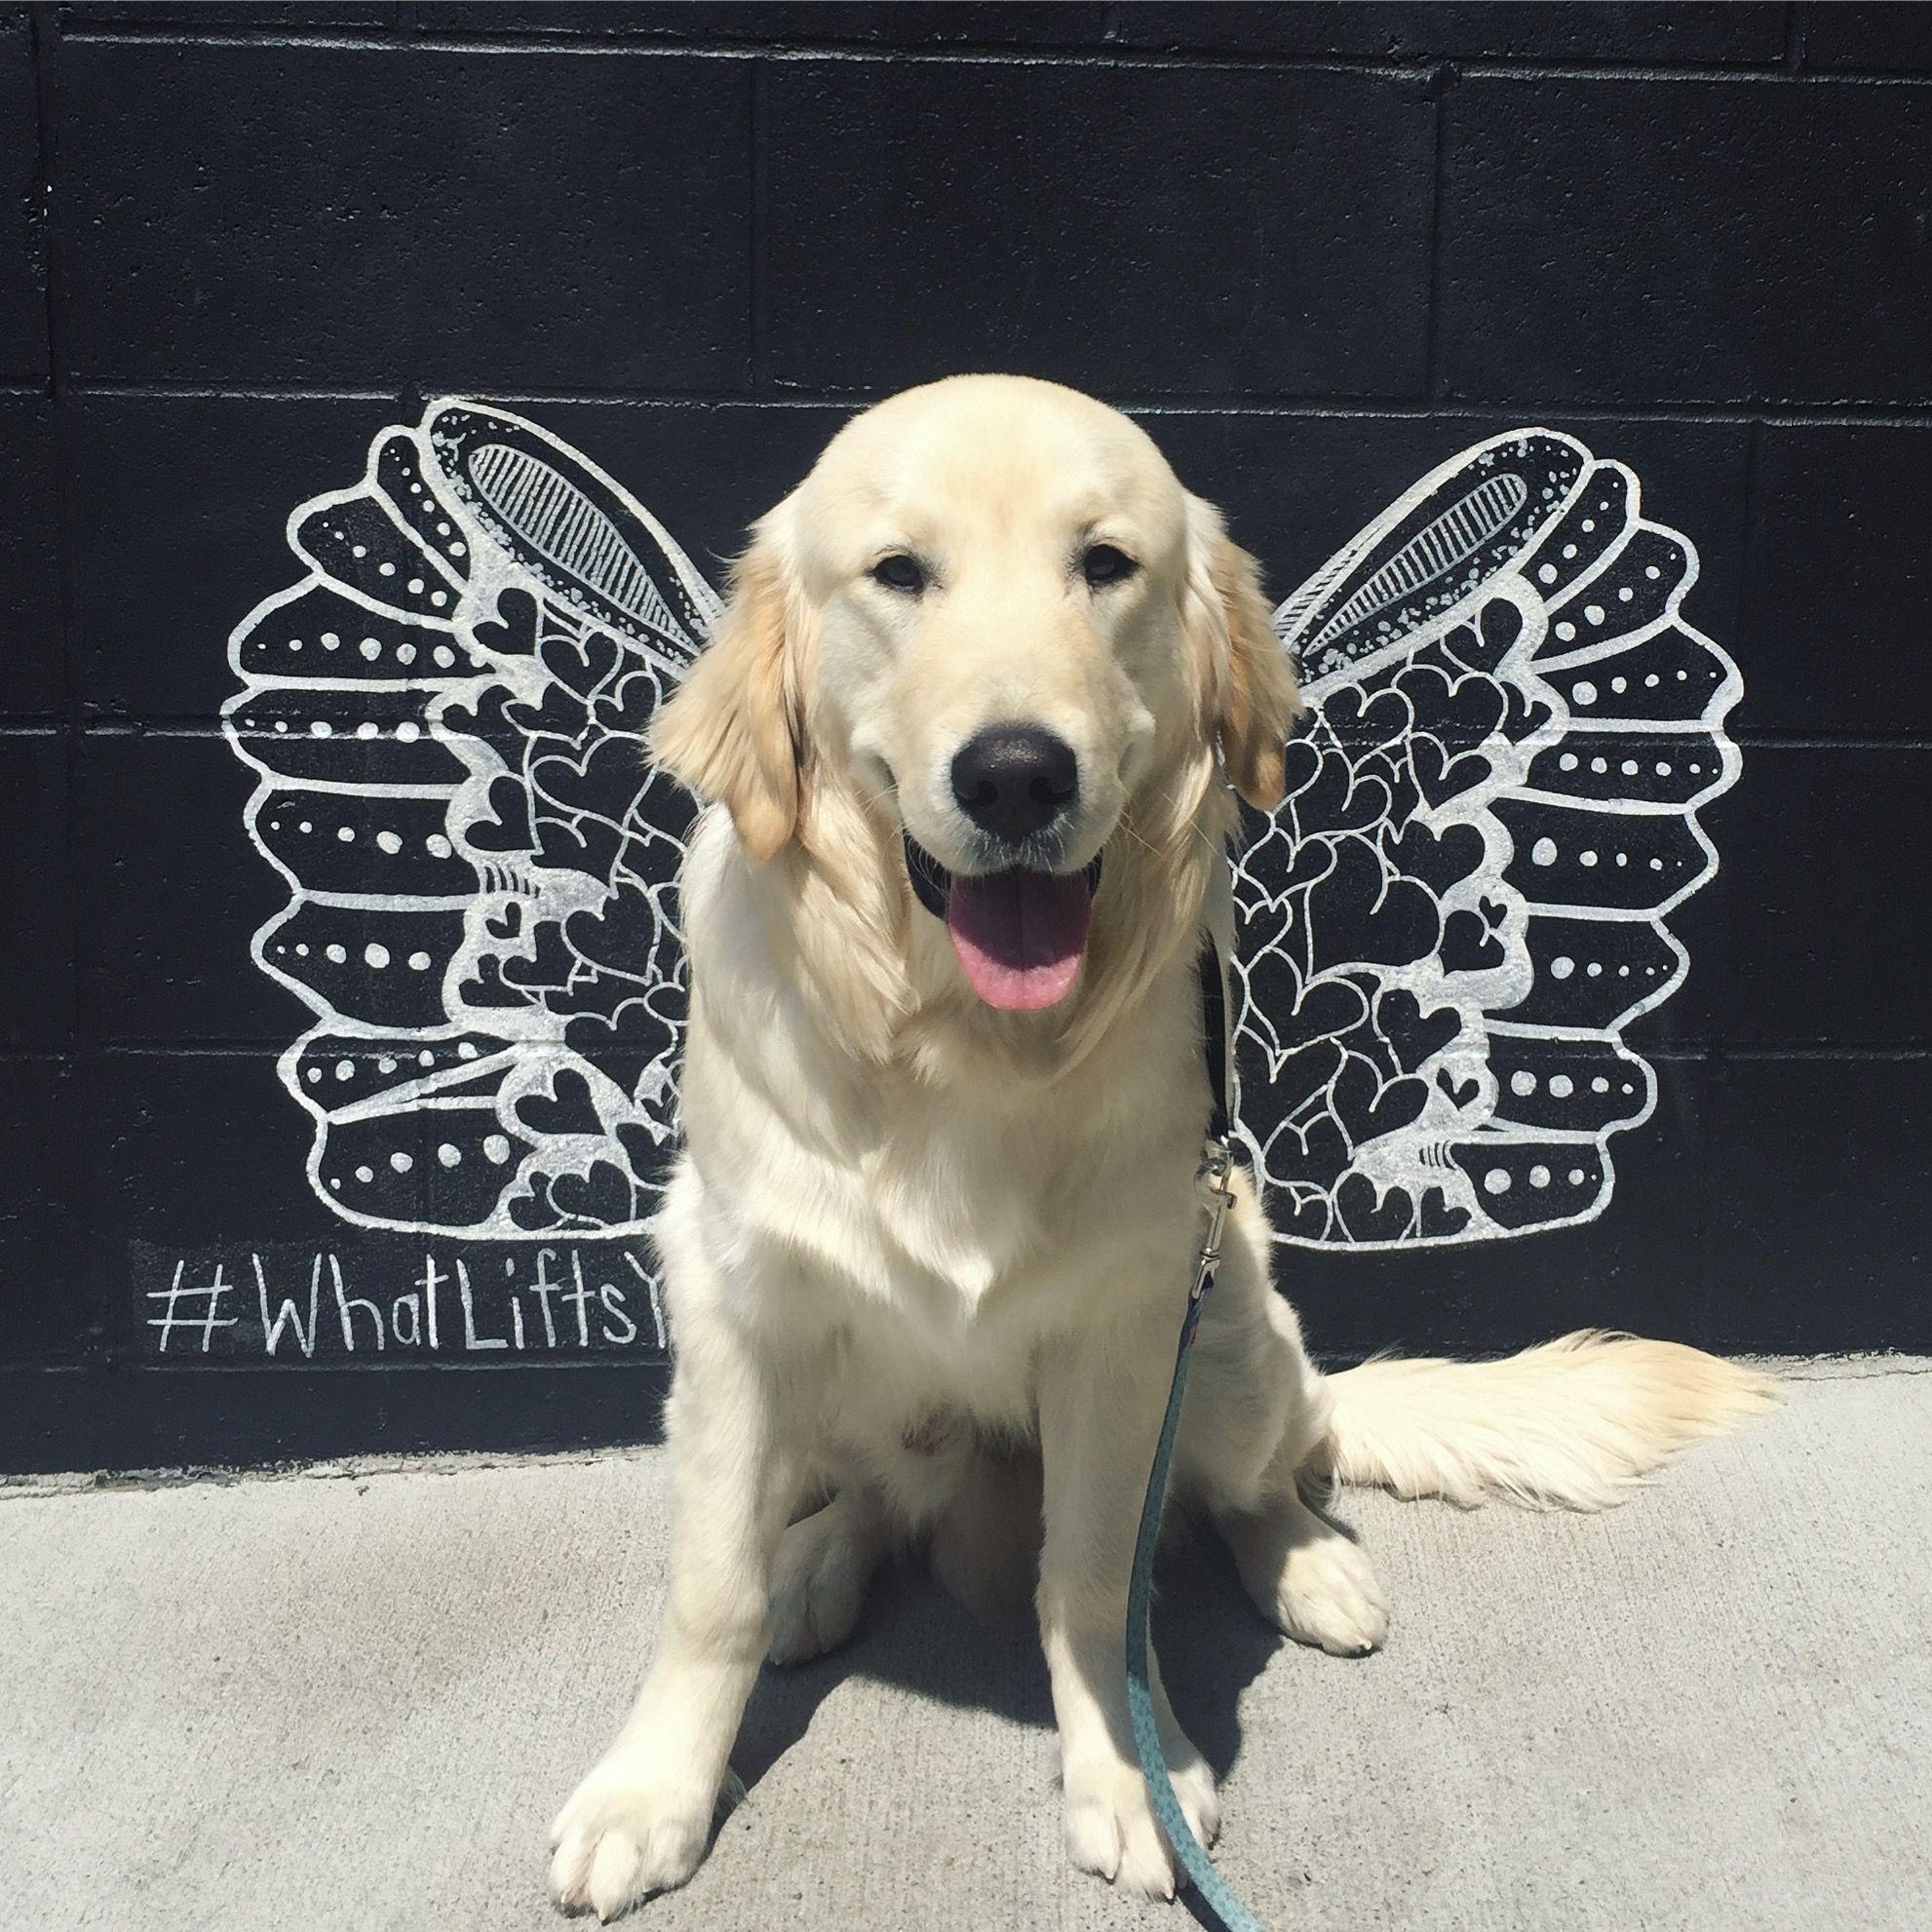 Golden Retriever Puppy Nashville Murals The Gulch What Lifts You